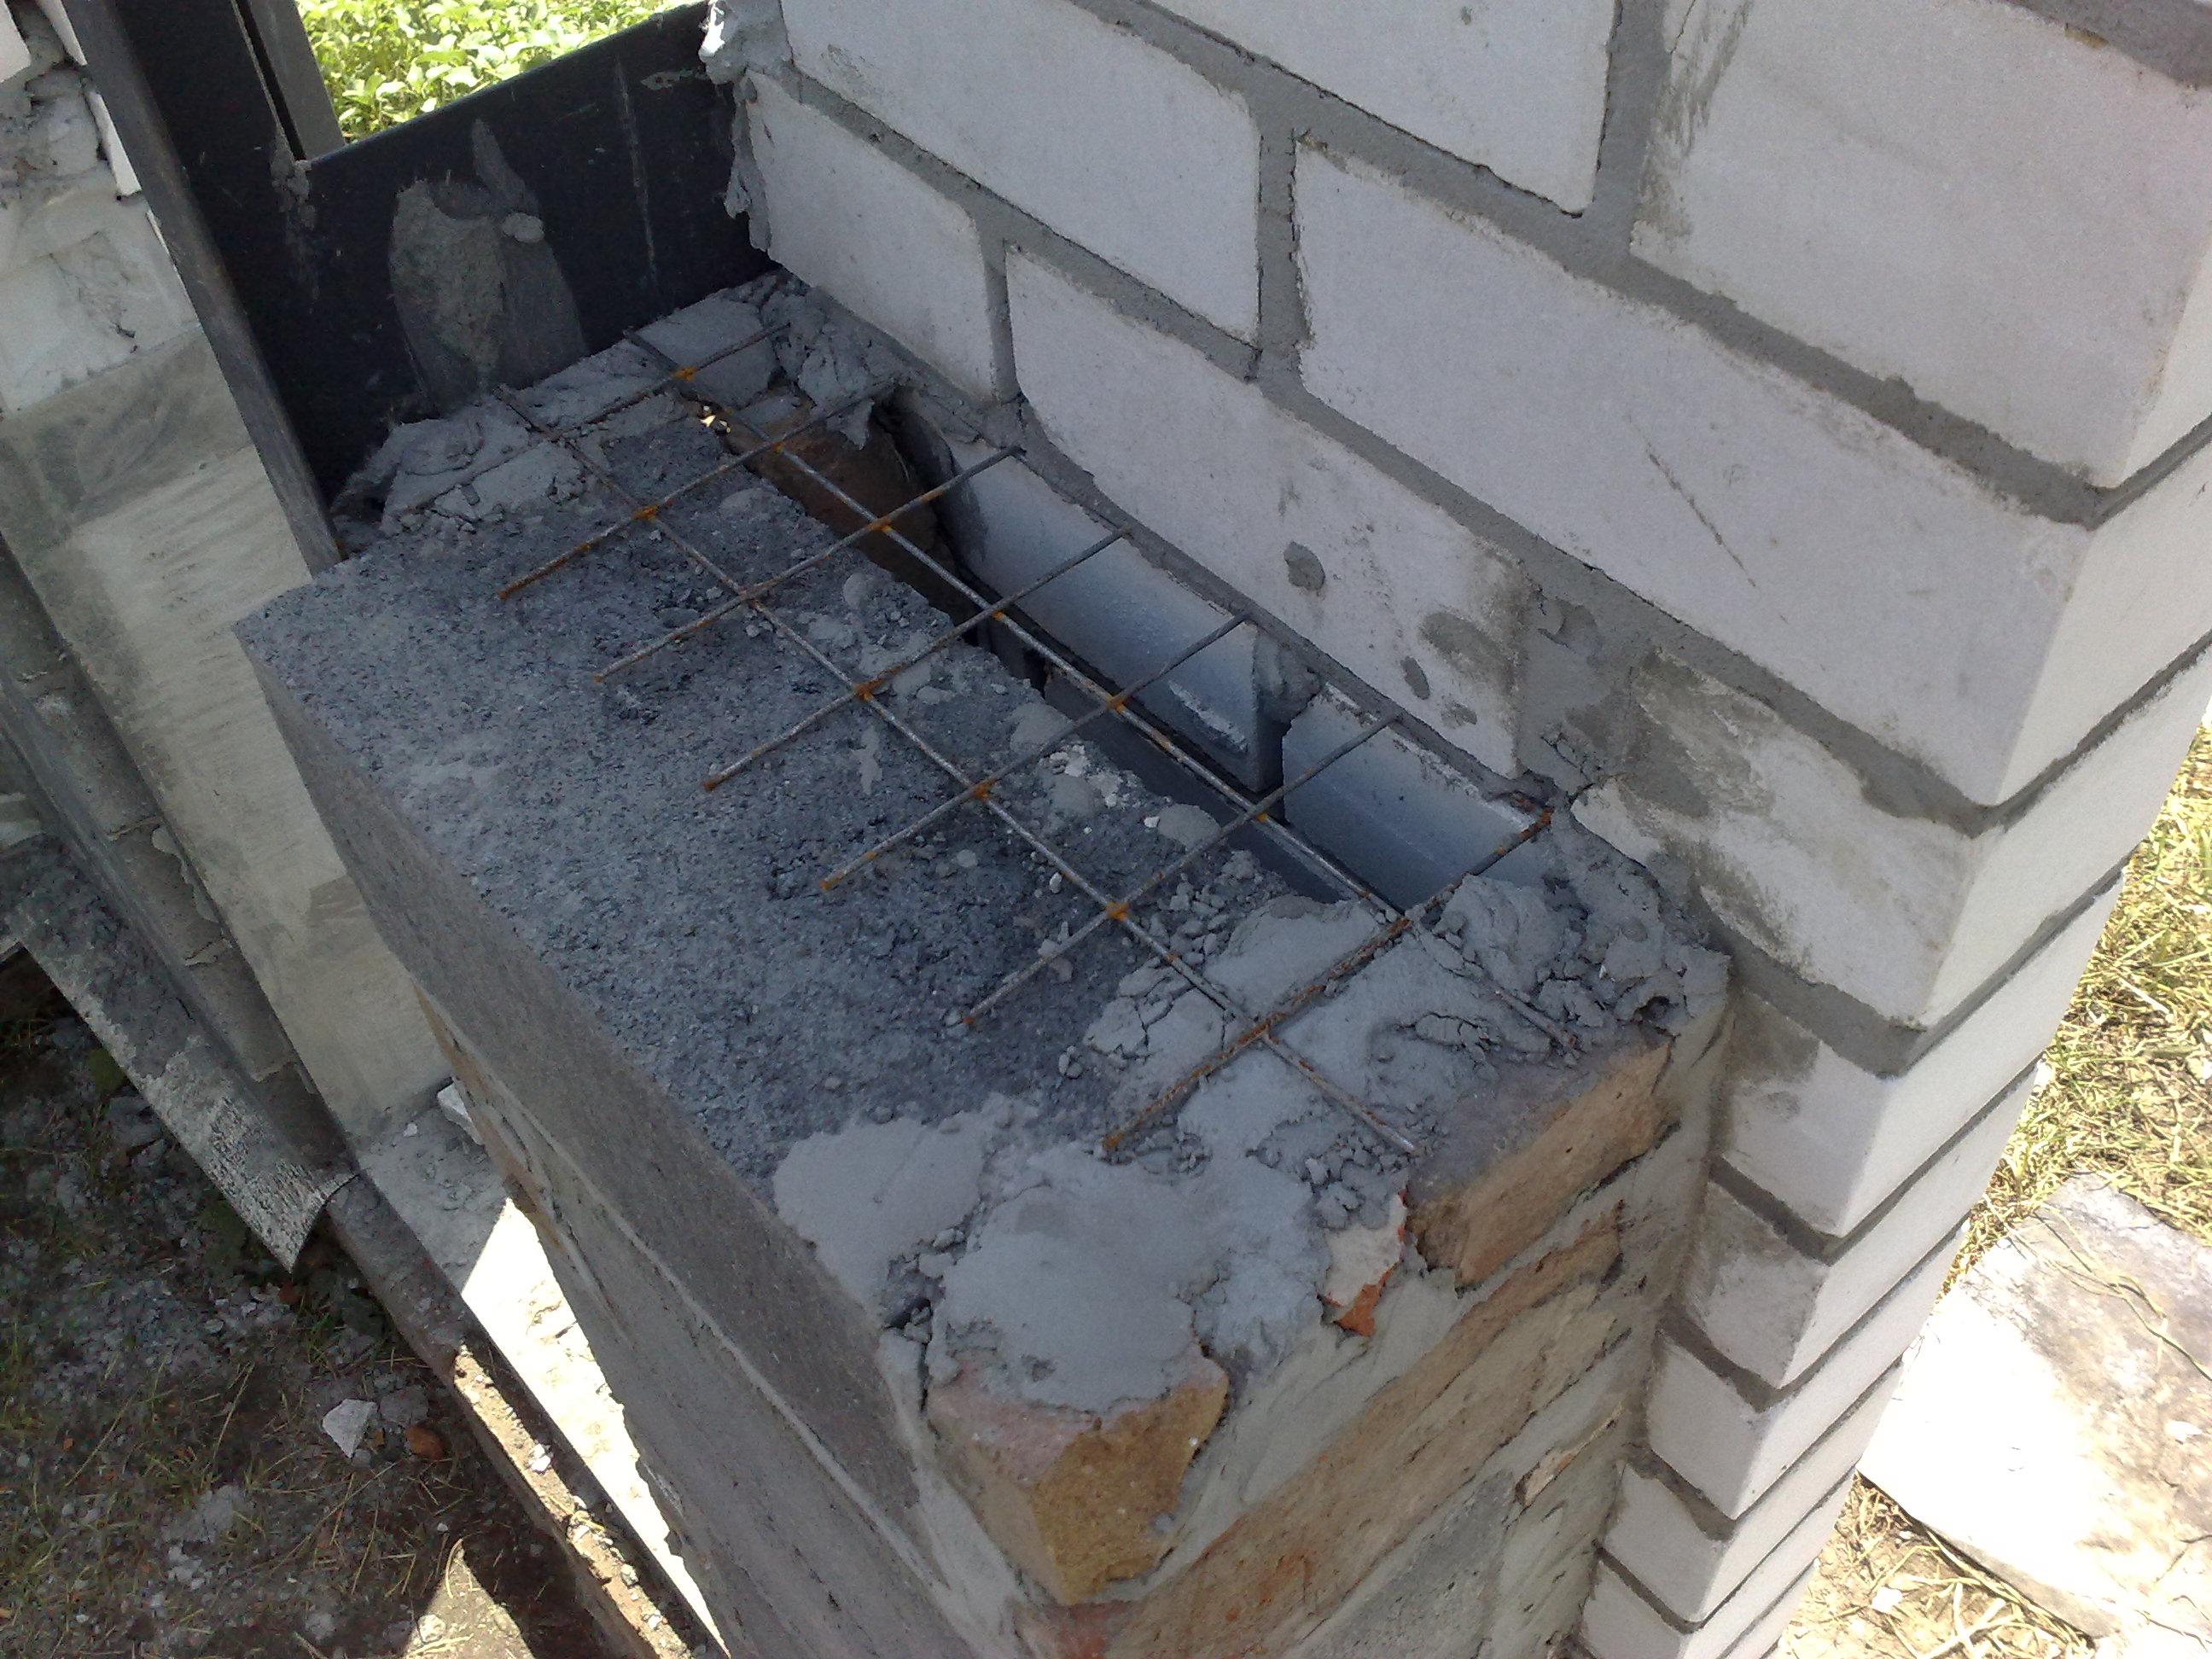 Баня из шлакоблока своими руками. строим баню из шлакоблока. поэтапный процесс возведения бани из шлакоблока